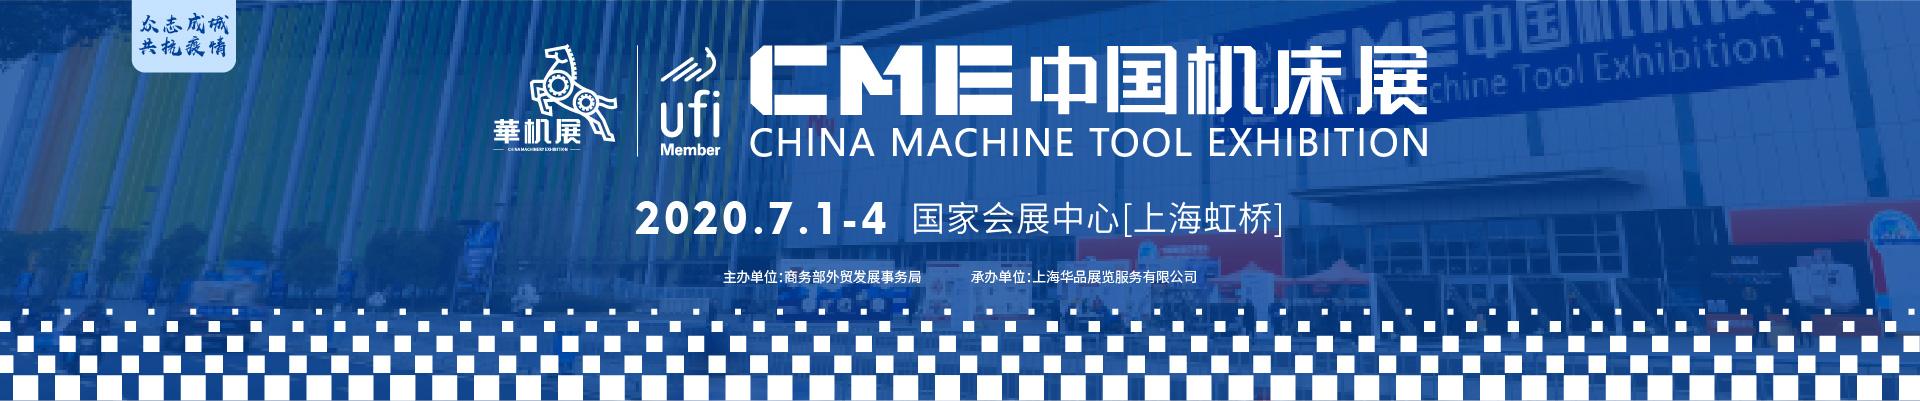 邀請函 2020CME中國機床展